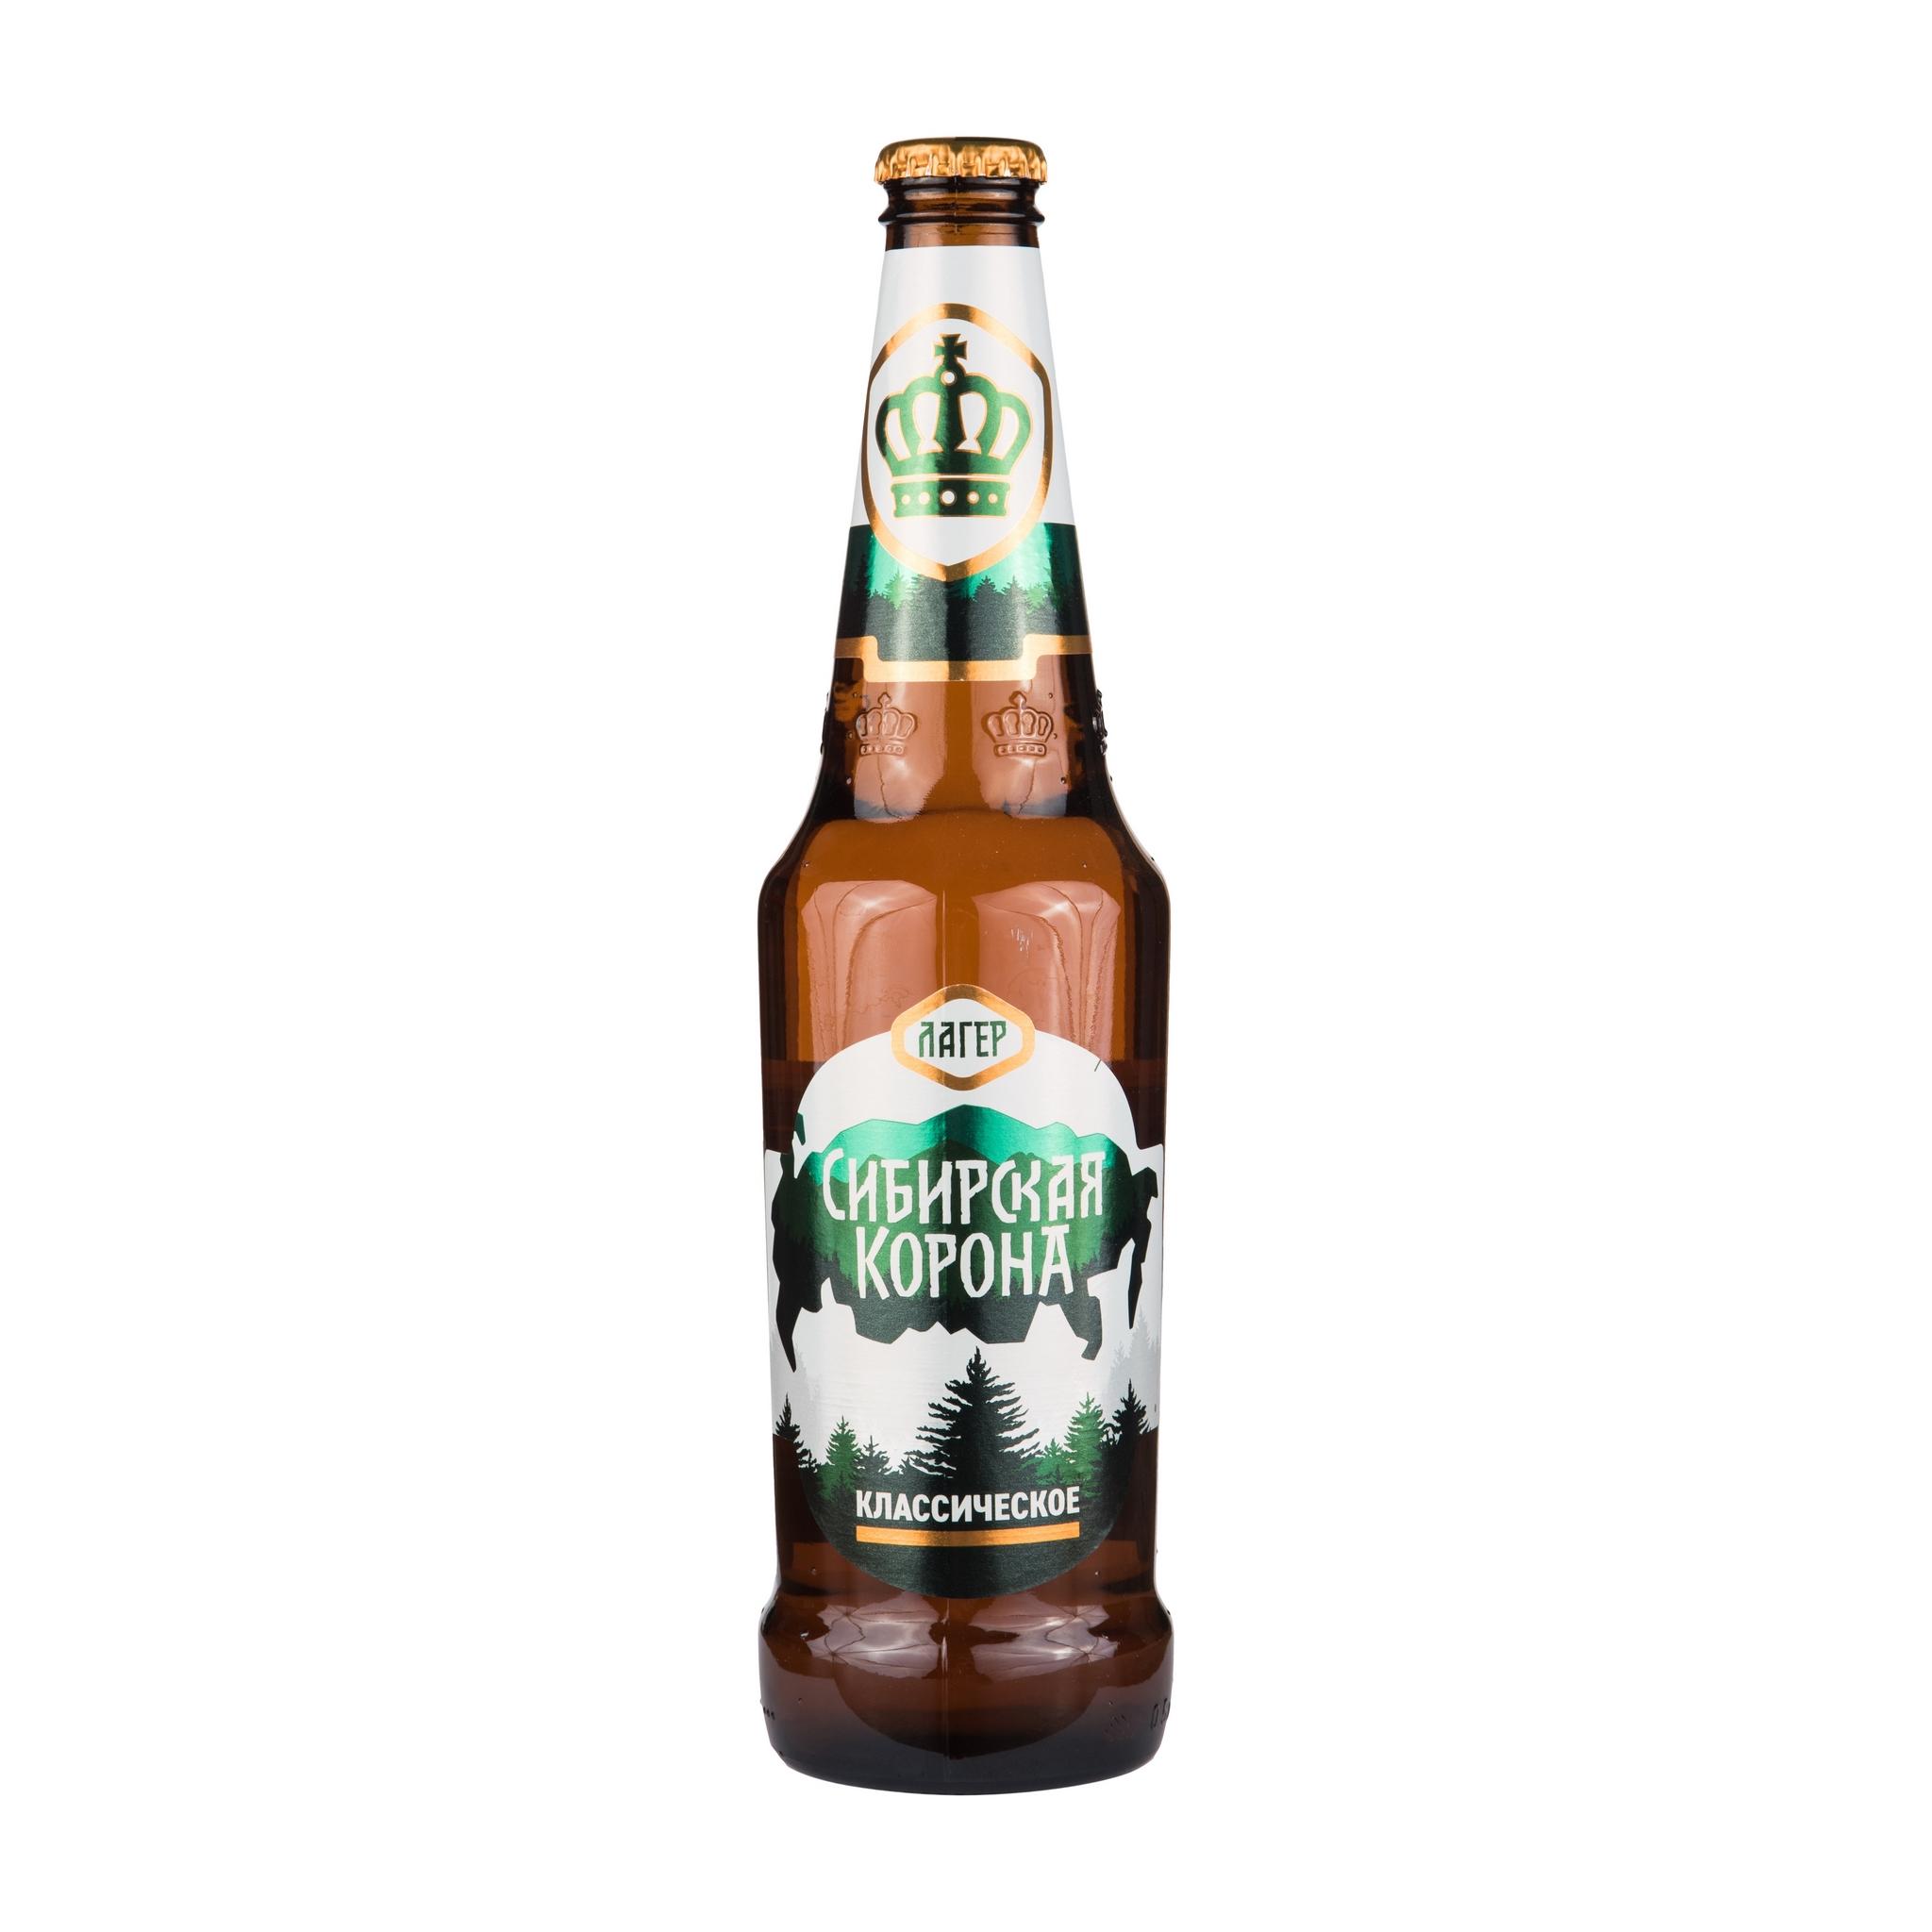 картинки сибирская корона пиво празднование всей